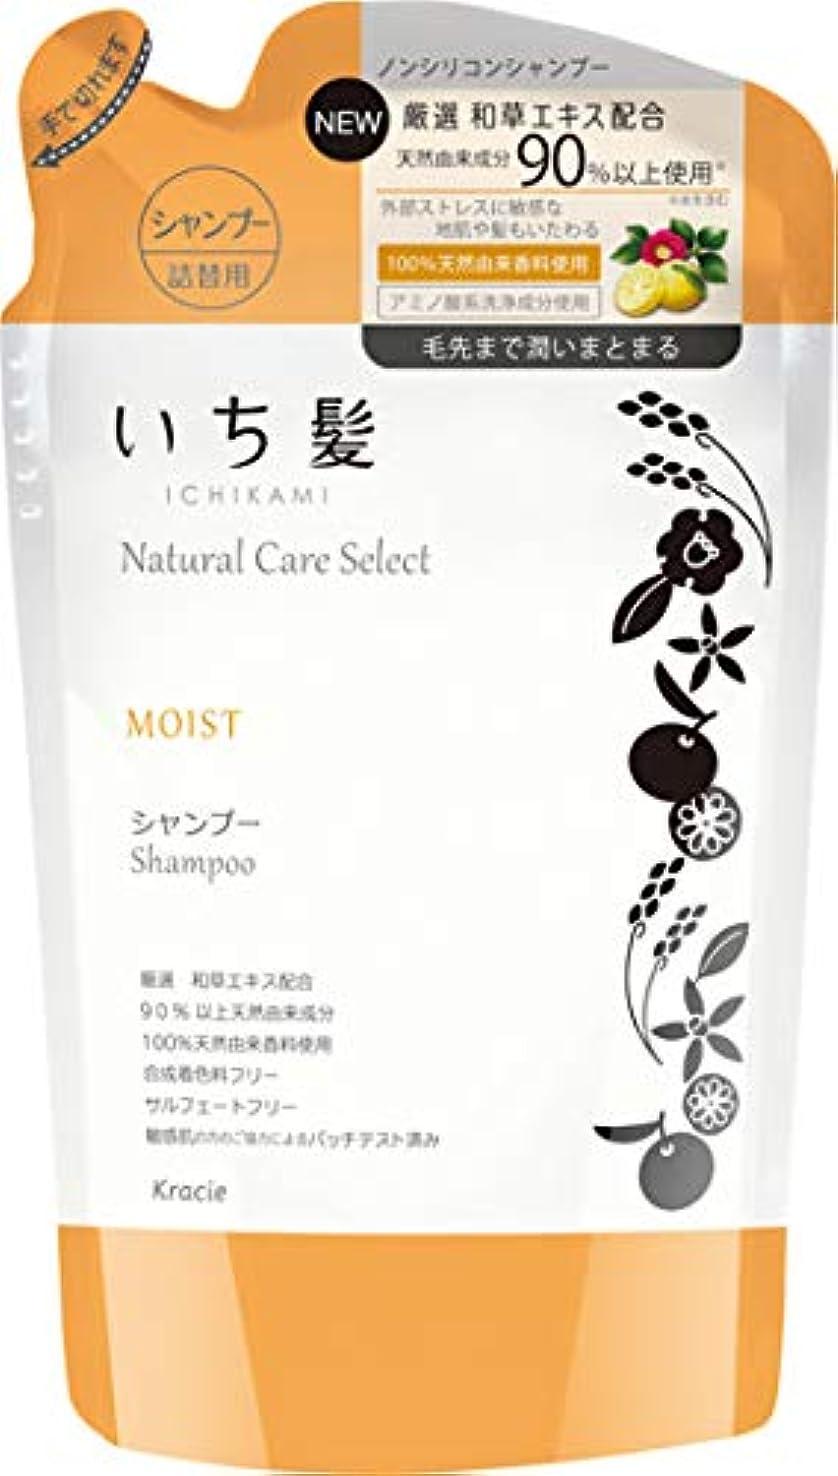 冗長創始者脳いち髪ナチュラルケアセレクト モイスト(毛先まで潤いまとまる)シャンプー詰替340mL シトラスフローラルの香り